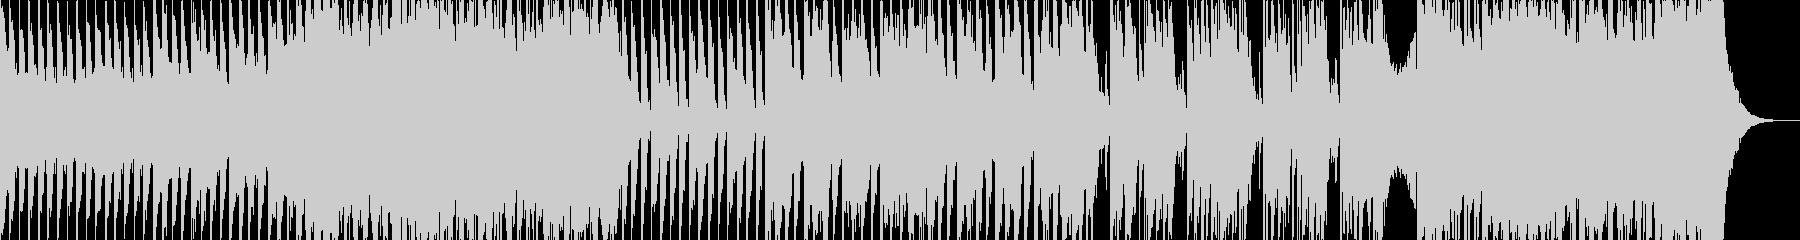 バイオリンとピアノのダンスナンバーの未再生の波形